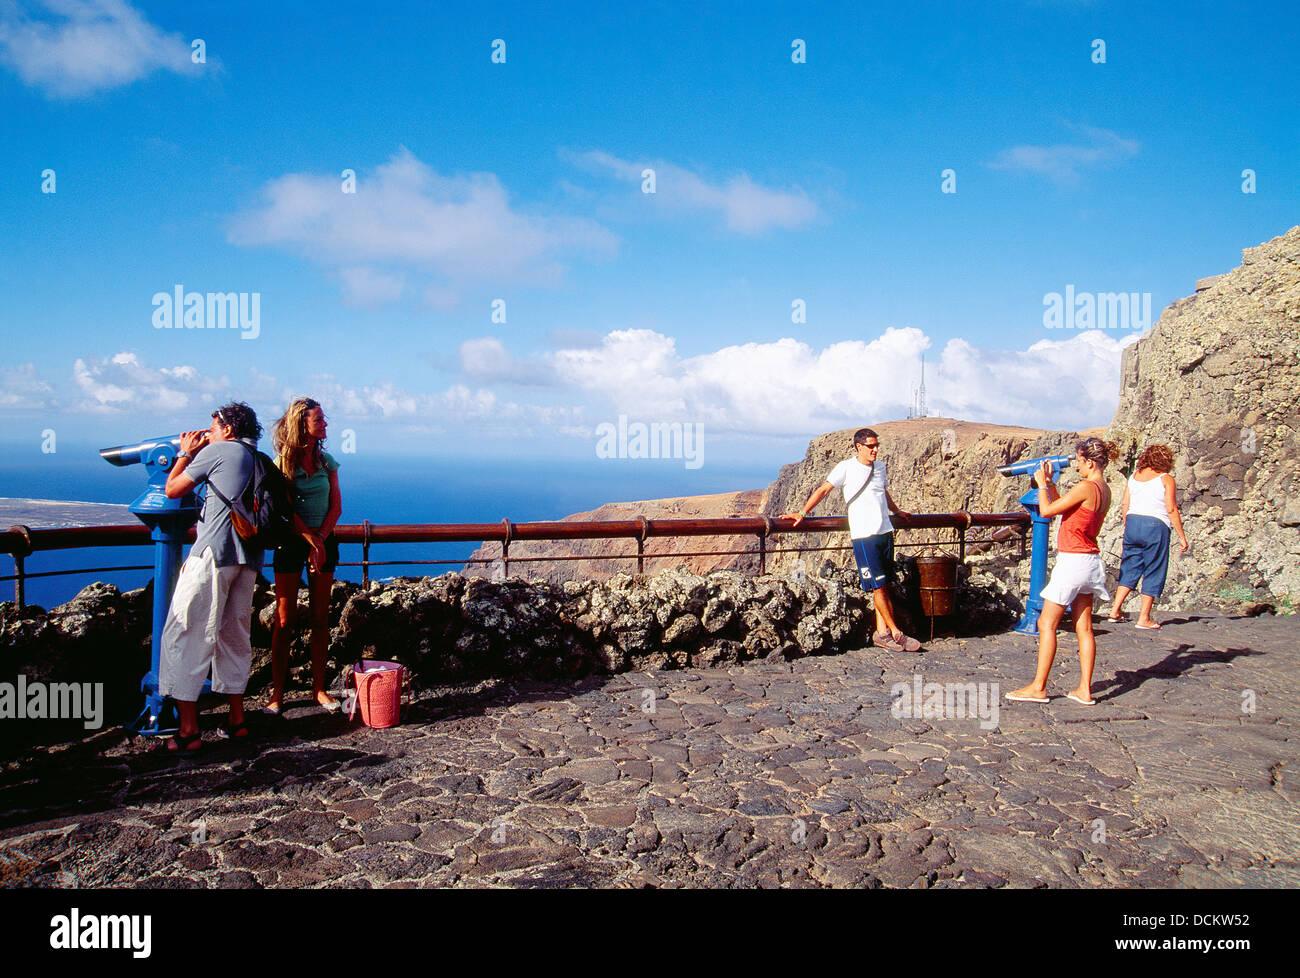 Touristen am Aussichtspunkt. El Rio, Lanzarote Insel, Kanarische Inseln, Spanien. Stockbild